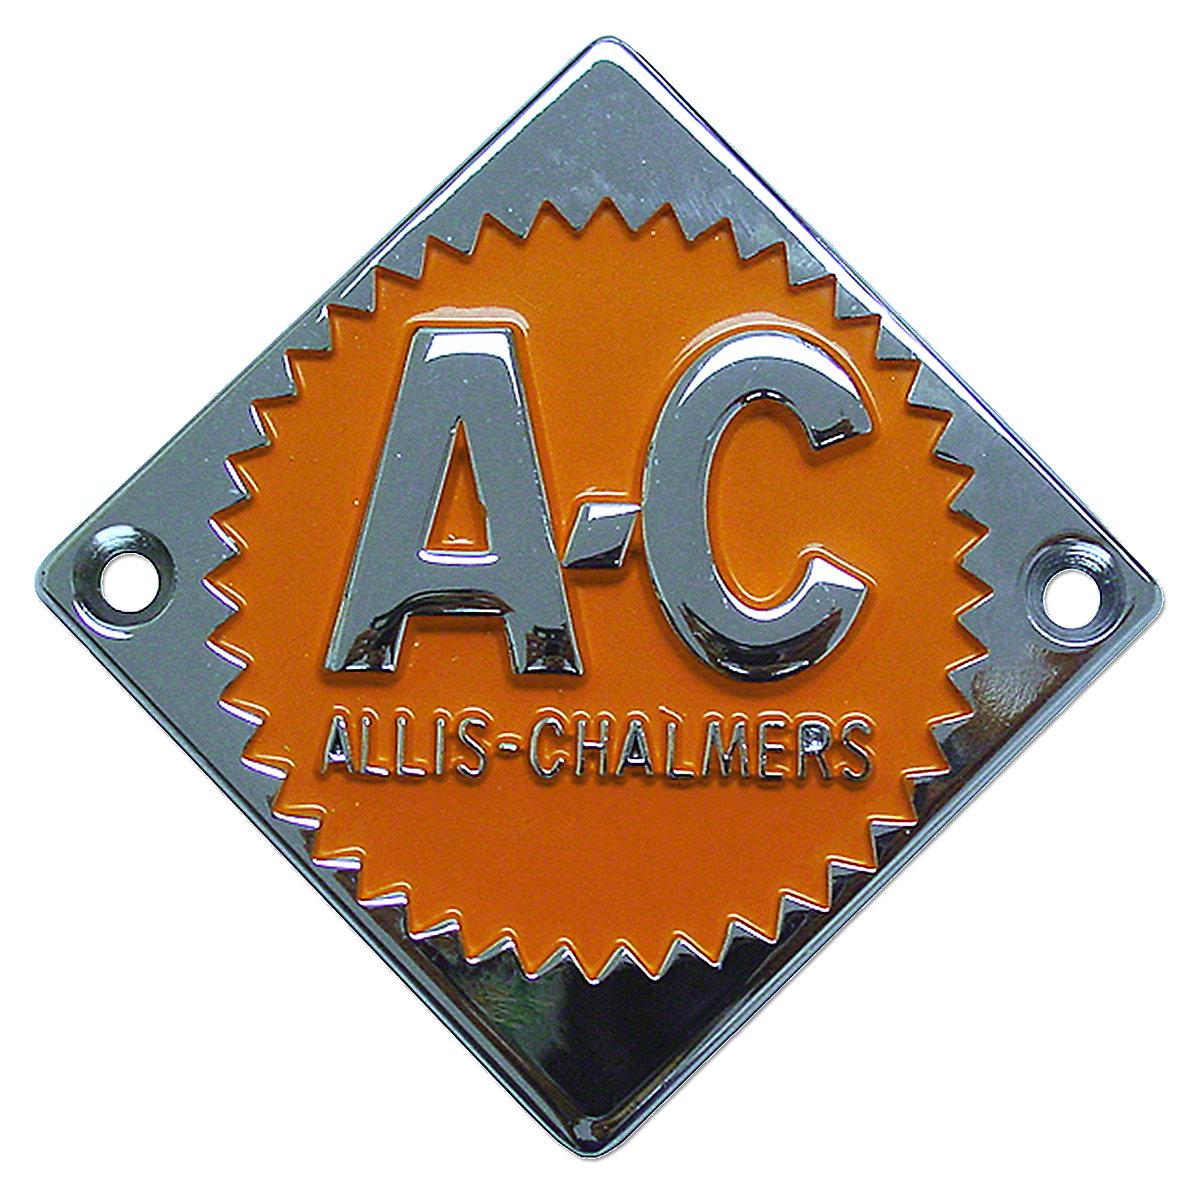 Steering Wheel Emblem For Allis Chalmers: D10, D12, D14, D17, I40, I400, I60.